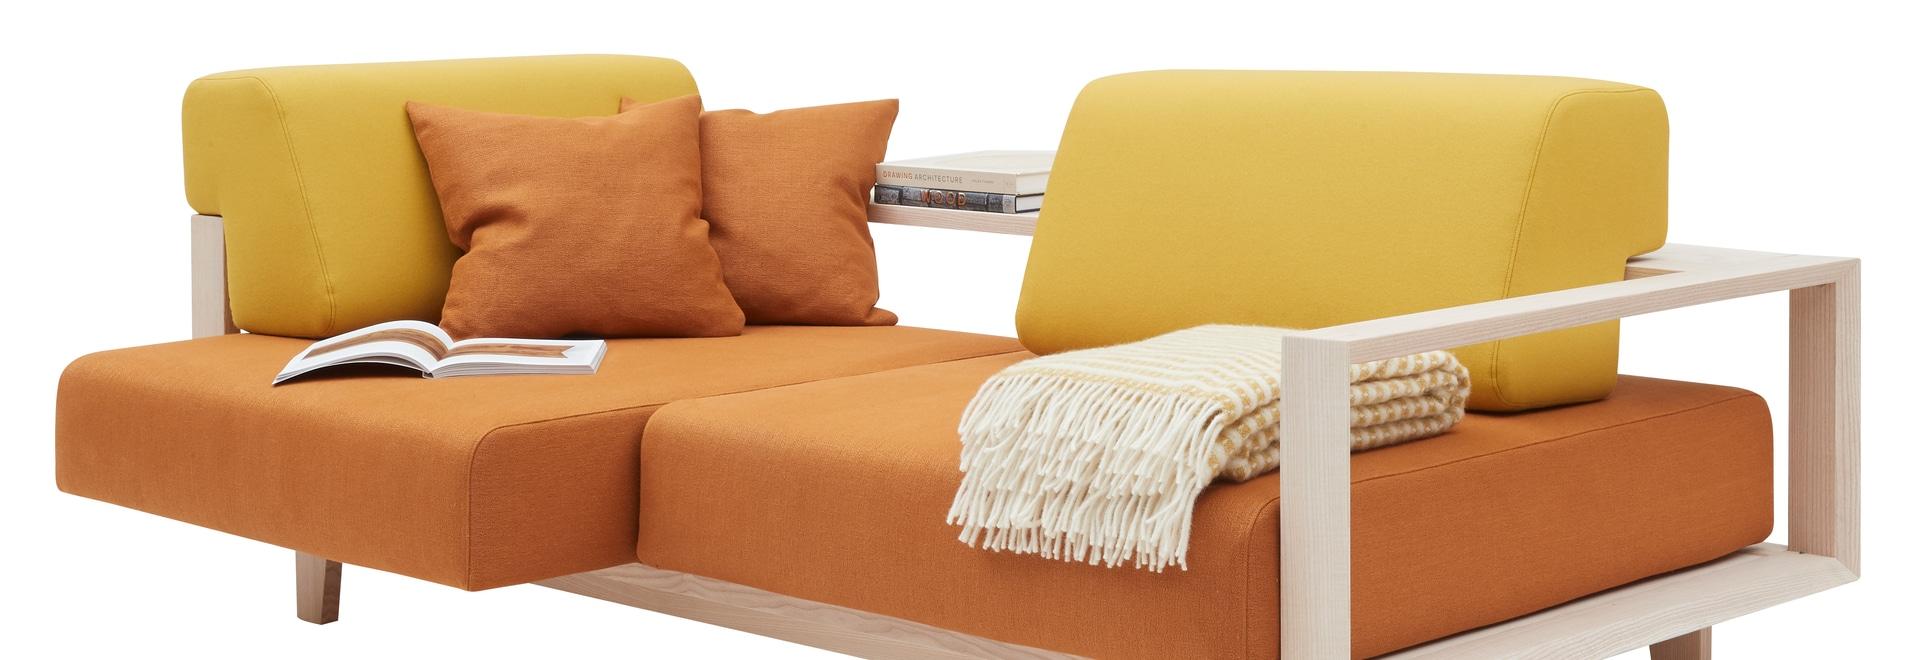 Le nouveau canapé WOOD